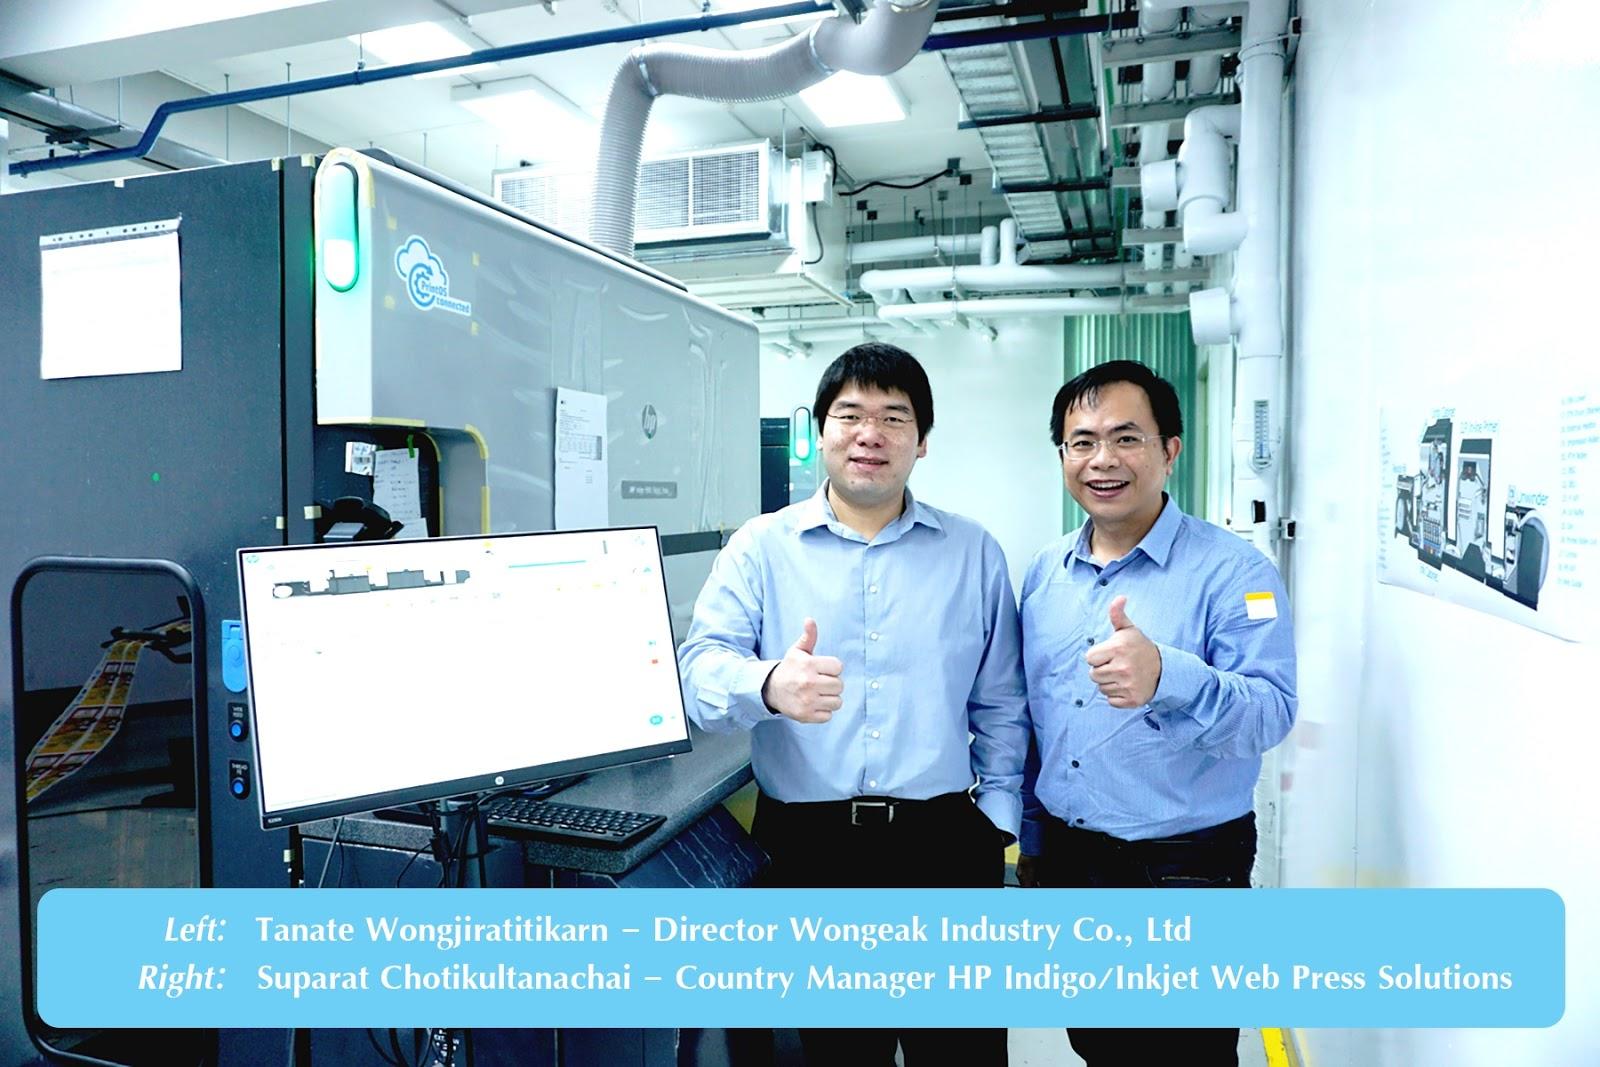 วงศ์เอกอุตสาหกรรมฯ เสริมทัพเพิ่มศักยภาพงานพิมพ์ดิจิทัลด้วย HP Indigo 6900 Digital Press